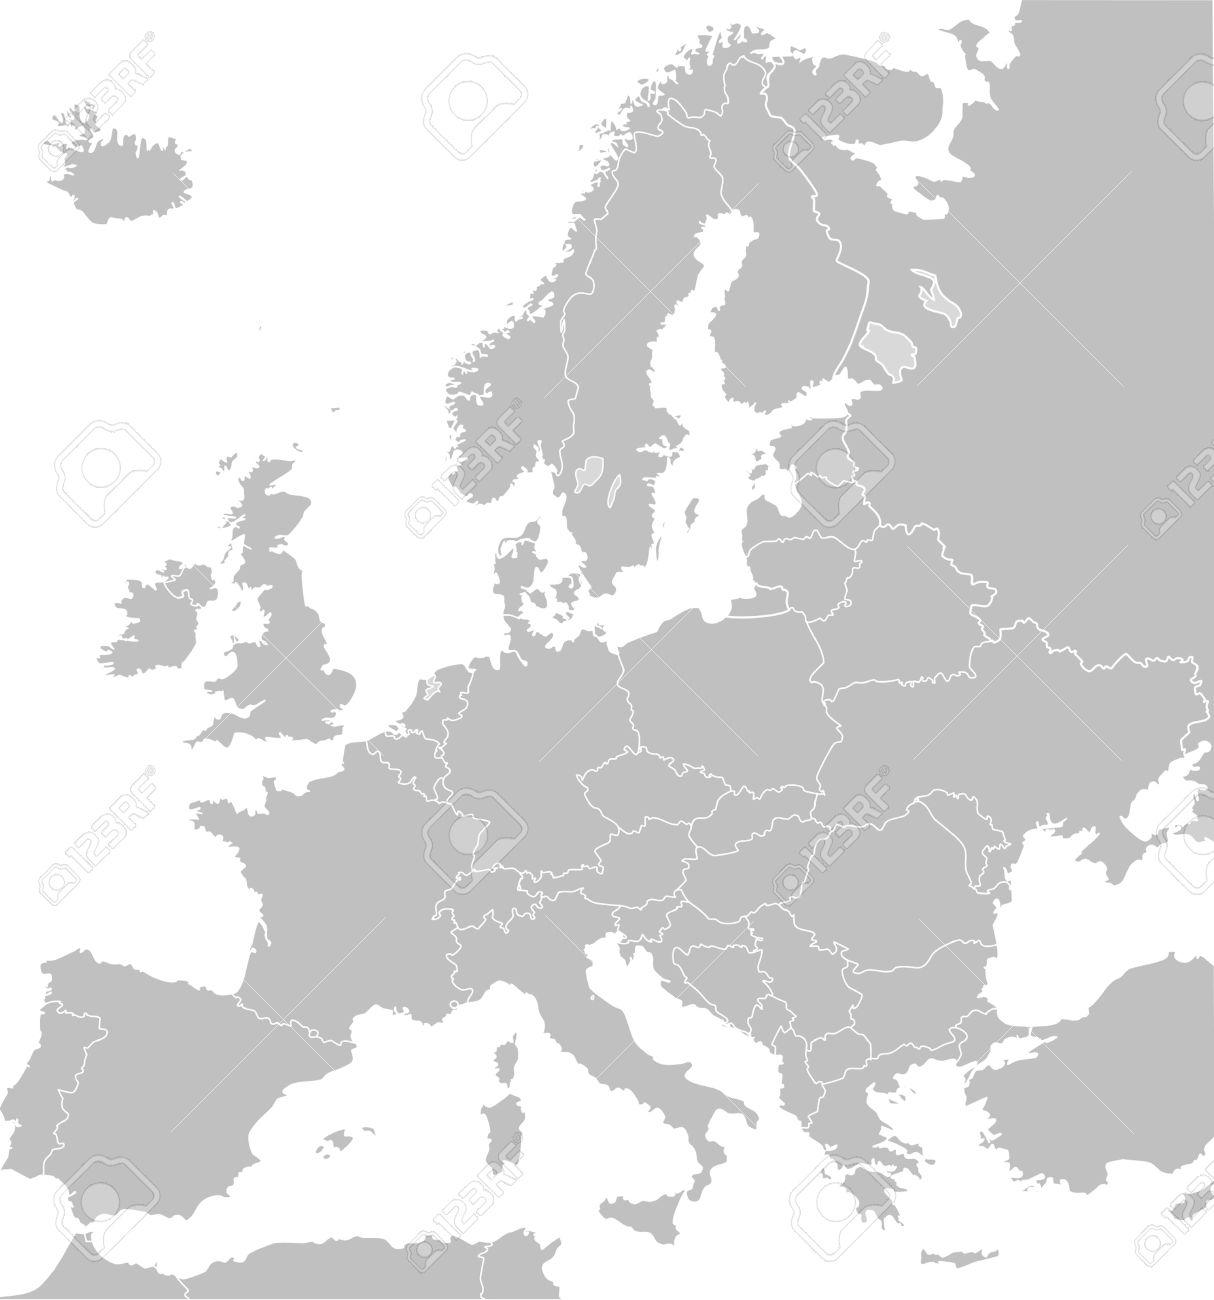 Carte Europe Grise.Illustre Carte De L Europe En Gris Ou Gris Avec Des Frontieres Du Pays Fond Blanc